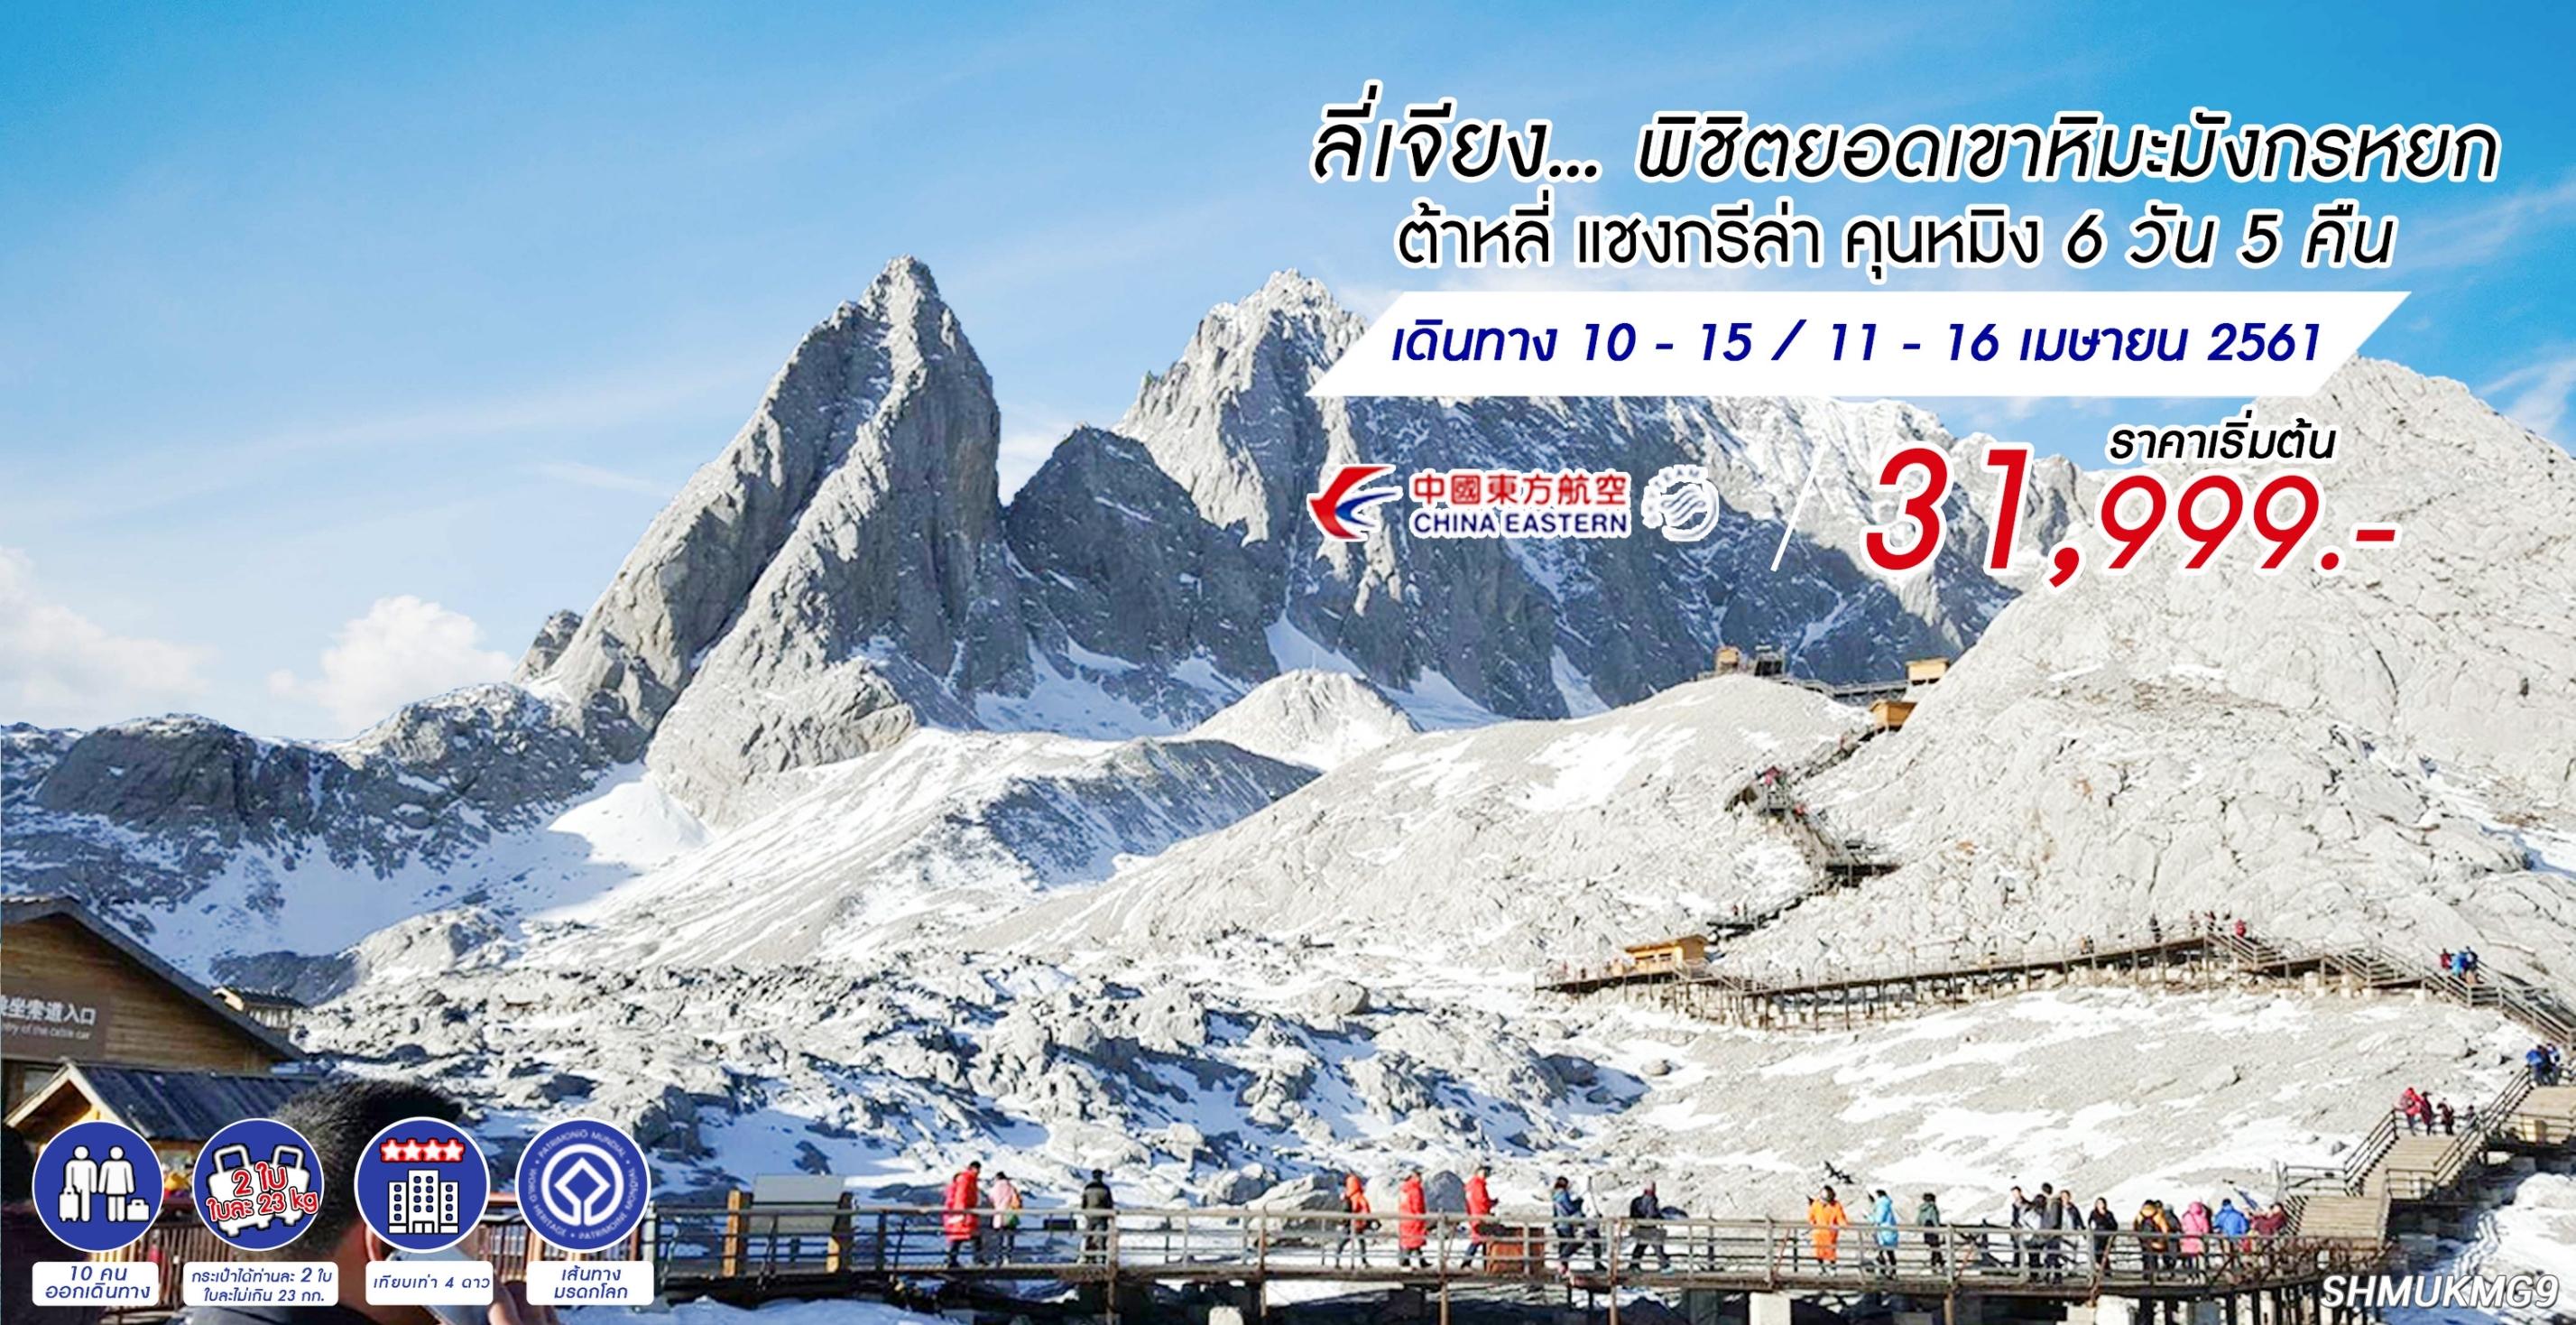 พิชิตยอดเขาหิมะมังกรหยก ต้าหลี่ แชงกรีล่า คุนหมิง 6 วัน 5 คืน (MU)